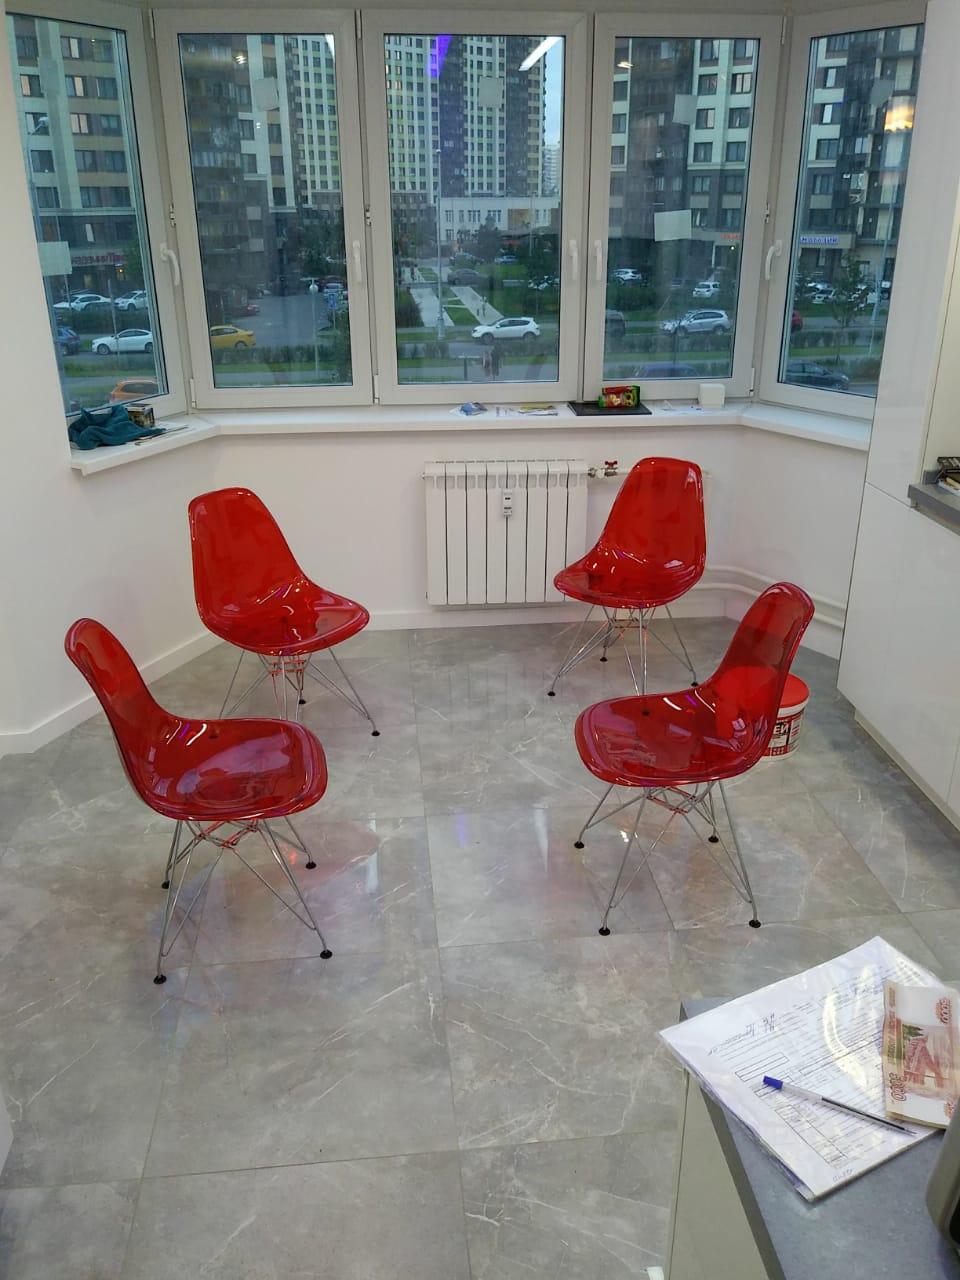 iModern интернет-магазин - Понравилась мебель, но долго рбслуживают в офисе.